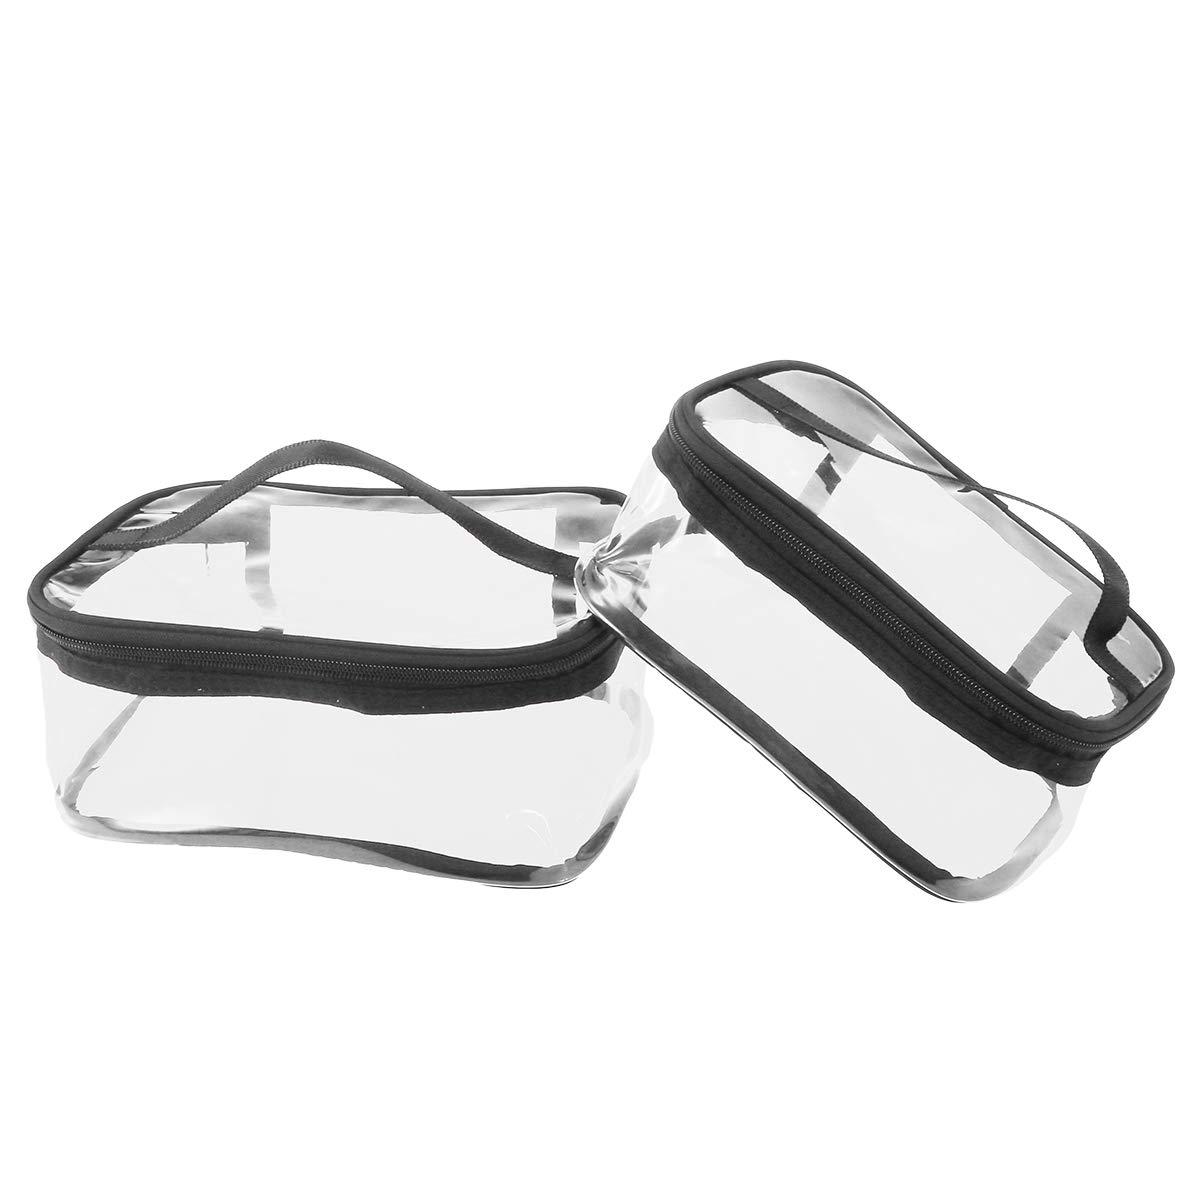 Lurrose 2pcs Multi-Fonctionnel Sacs de Maquillage Sac à cosmétiques Portable Sac de Rangement